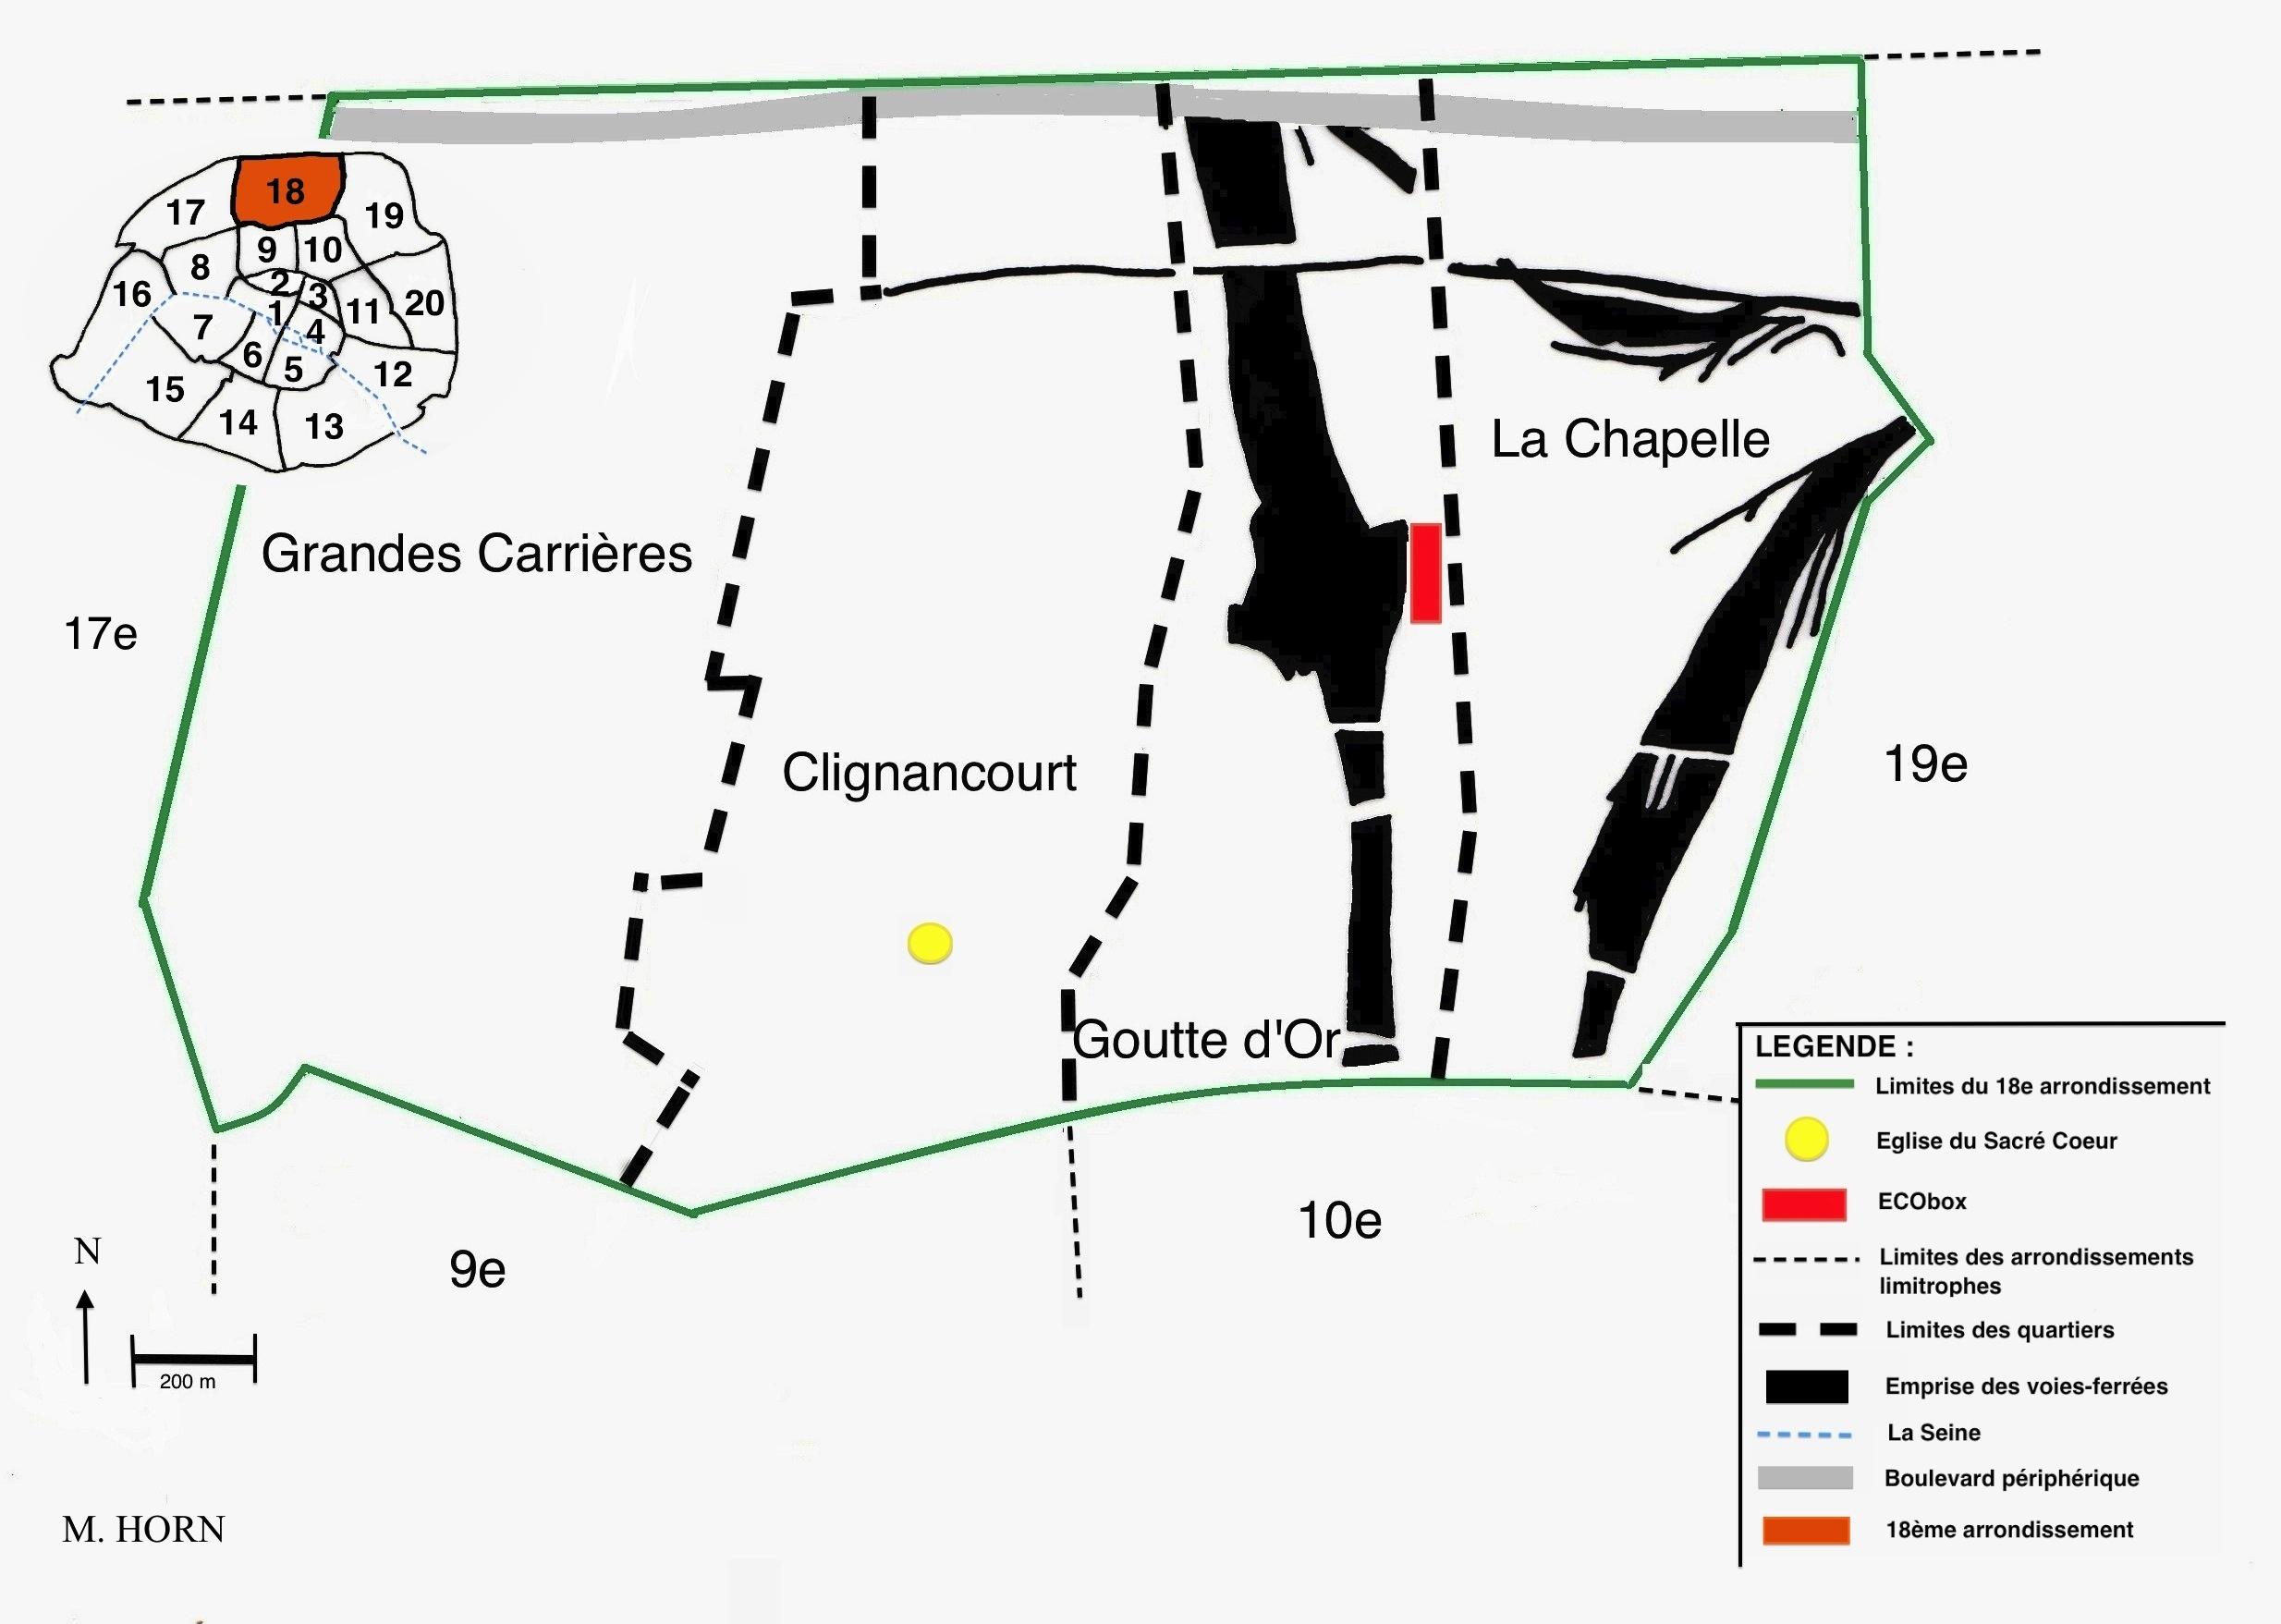 Figure 2 : Le 18e arrondissement : Situation, découpage administratif et emprise des voies ferrées. Source : Marie Horn.